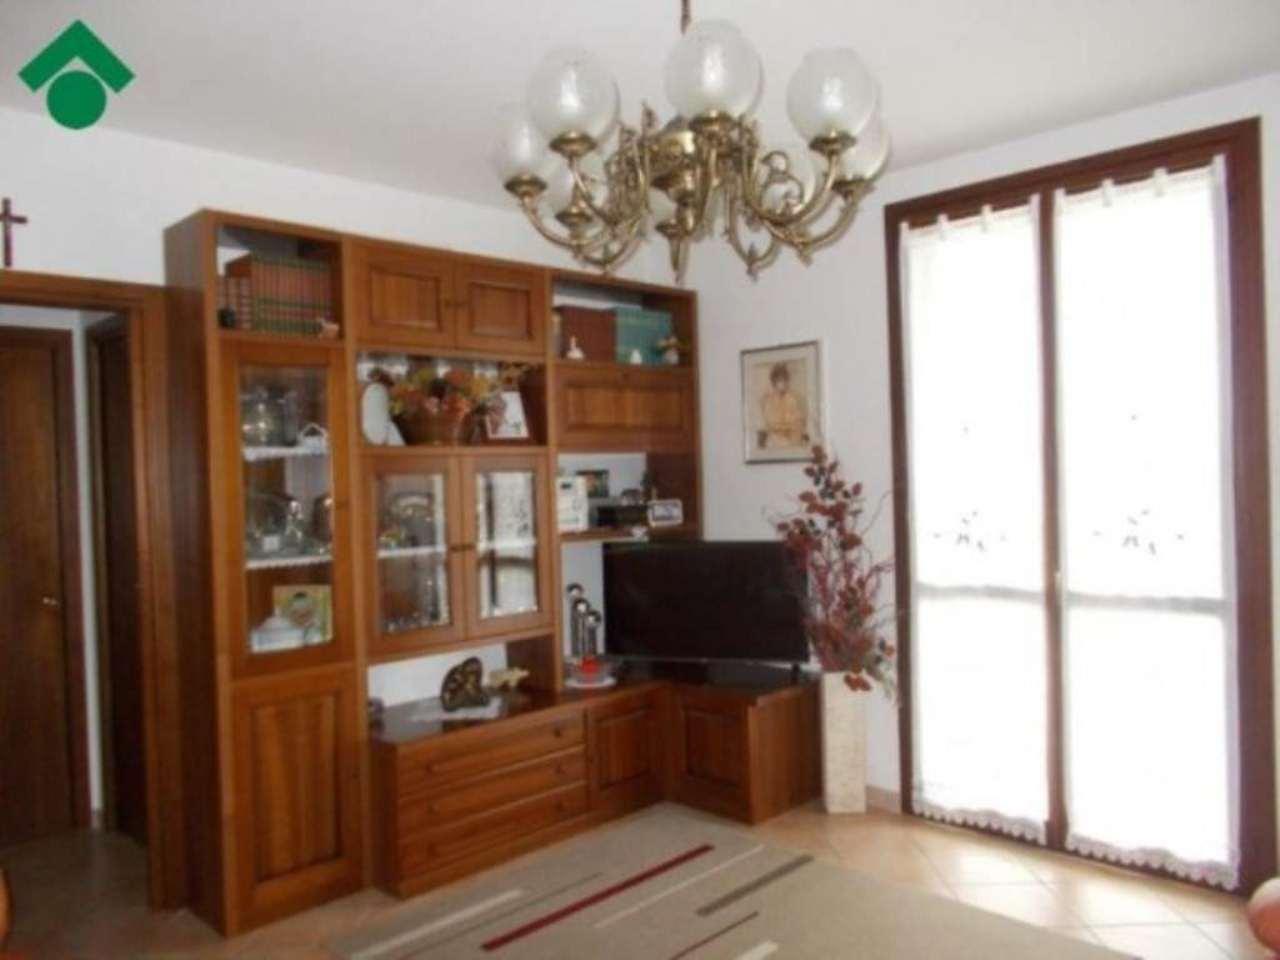 Appartamento in vendita a Quattro Castella, 6 locali, prezzo € 105.000 | Cambio Casa.it